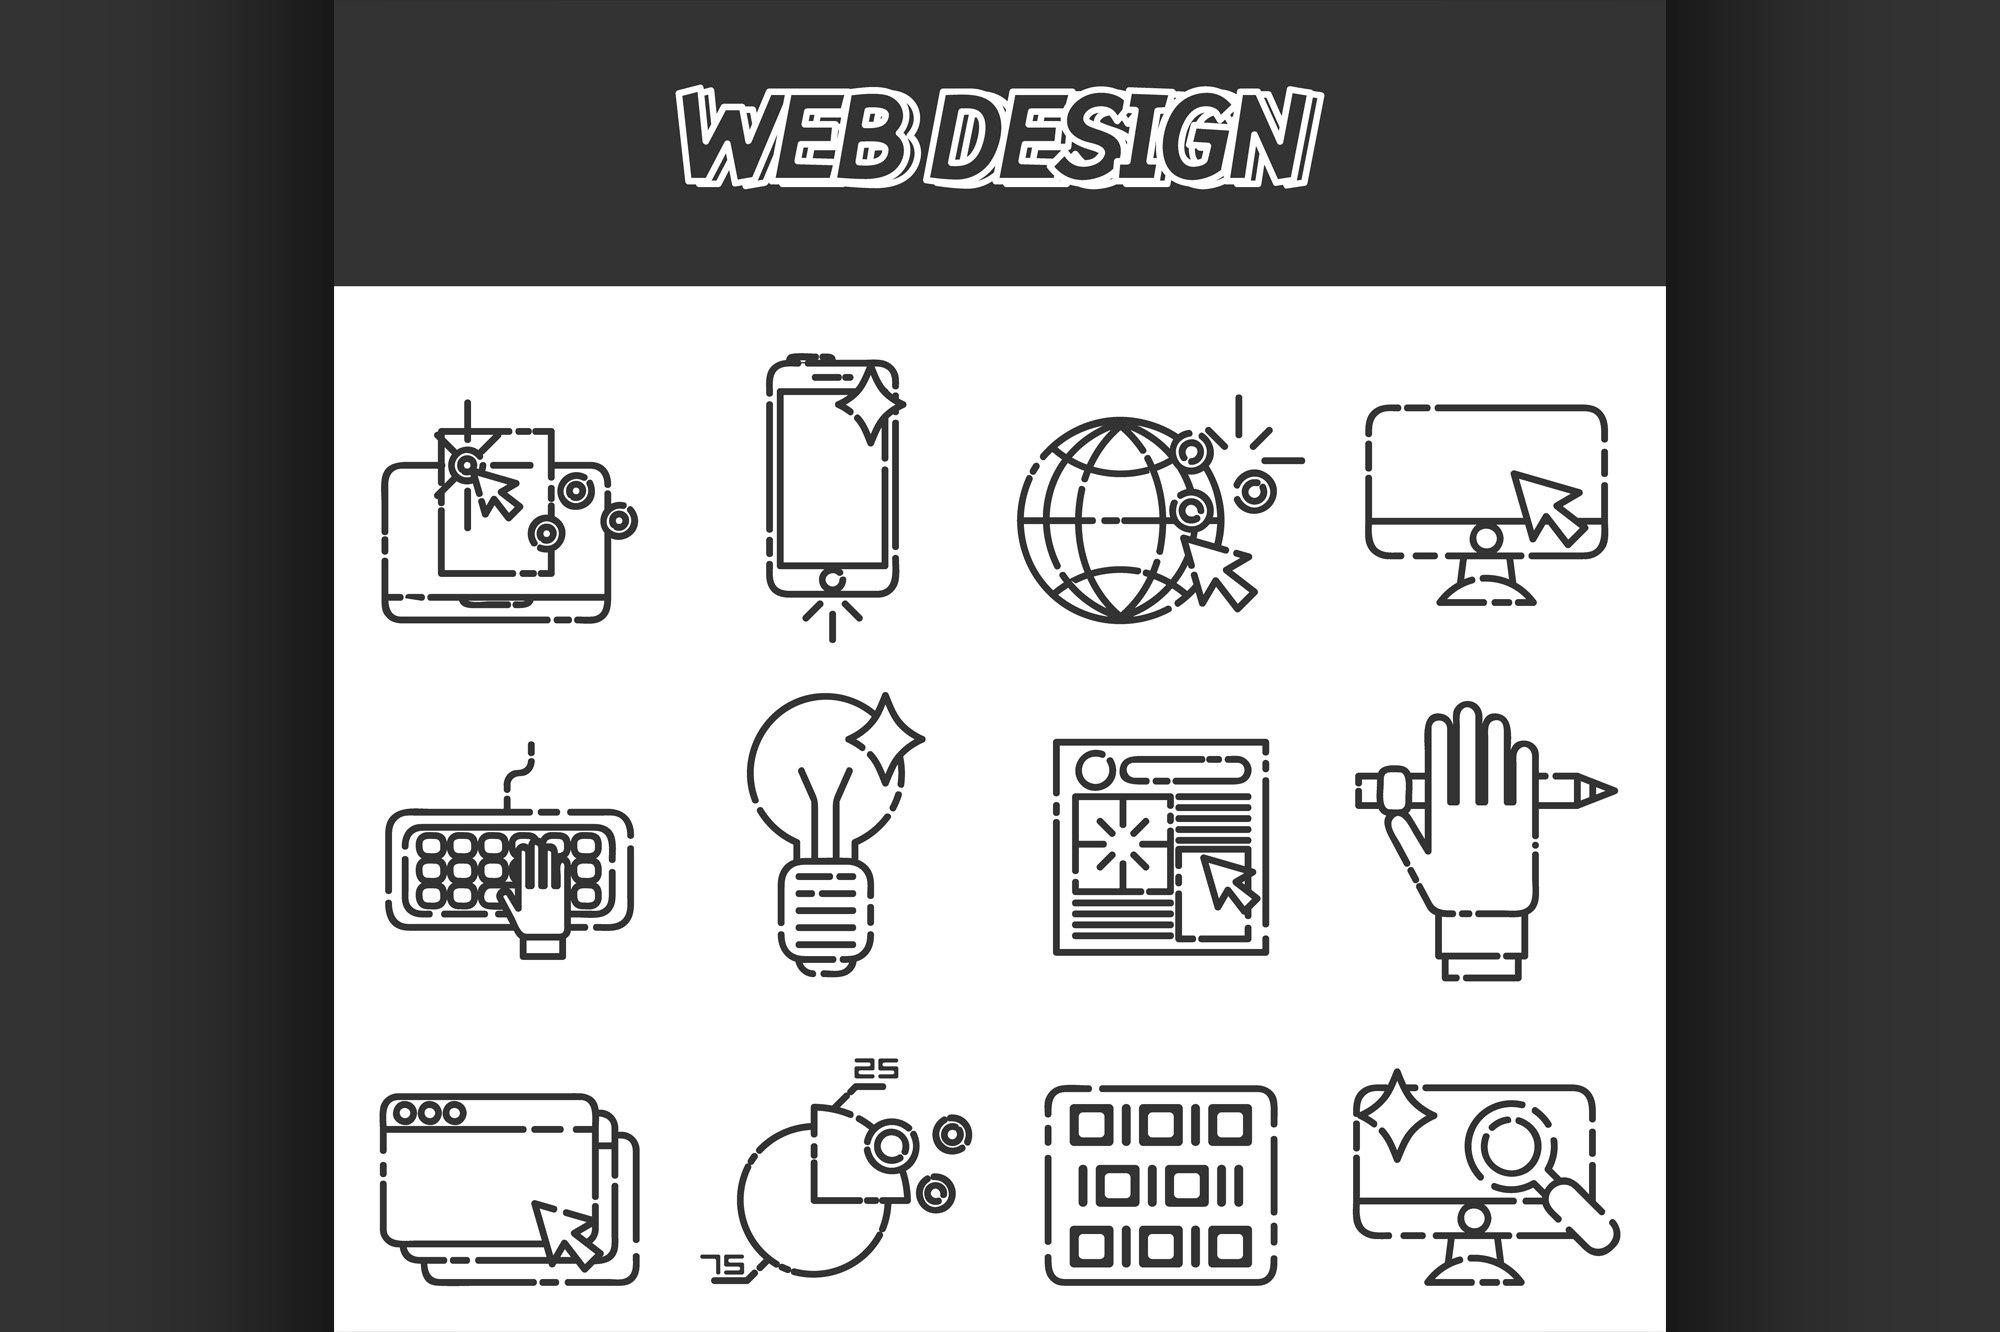 Web design icons set example image 1